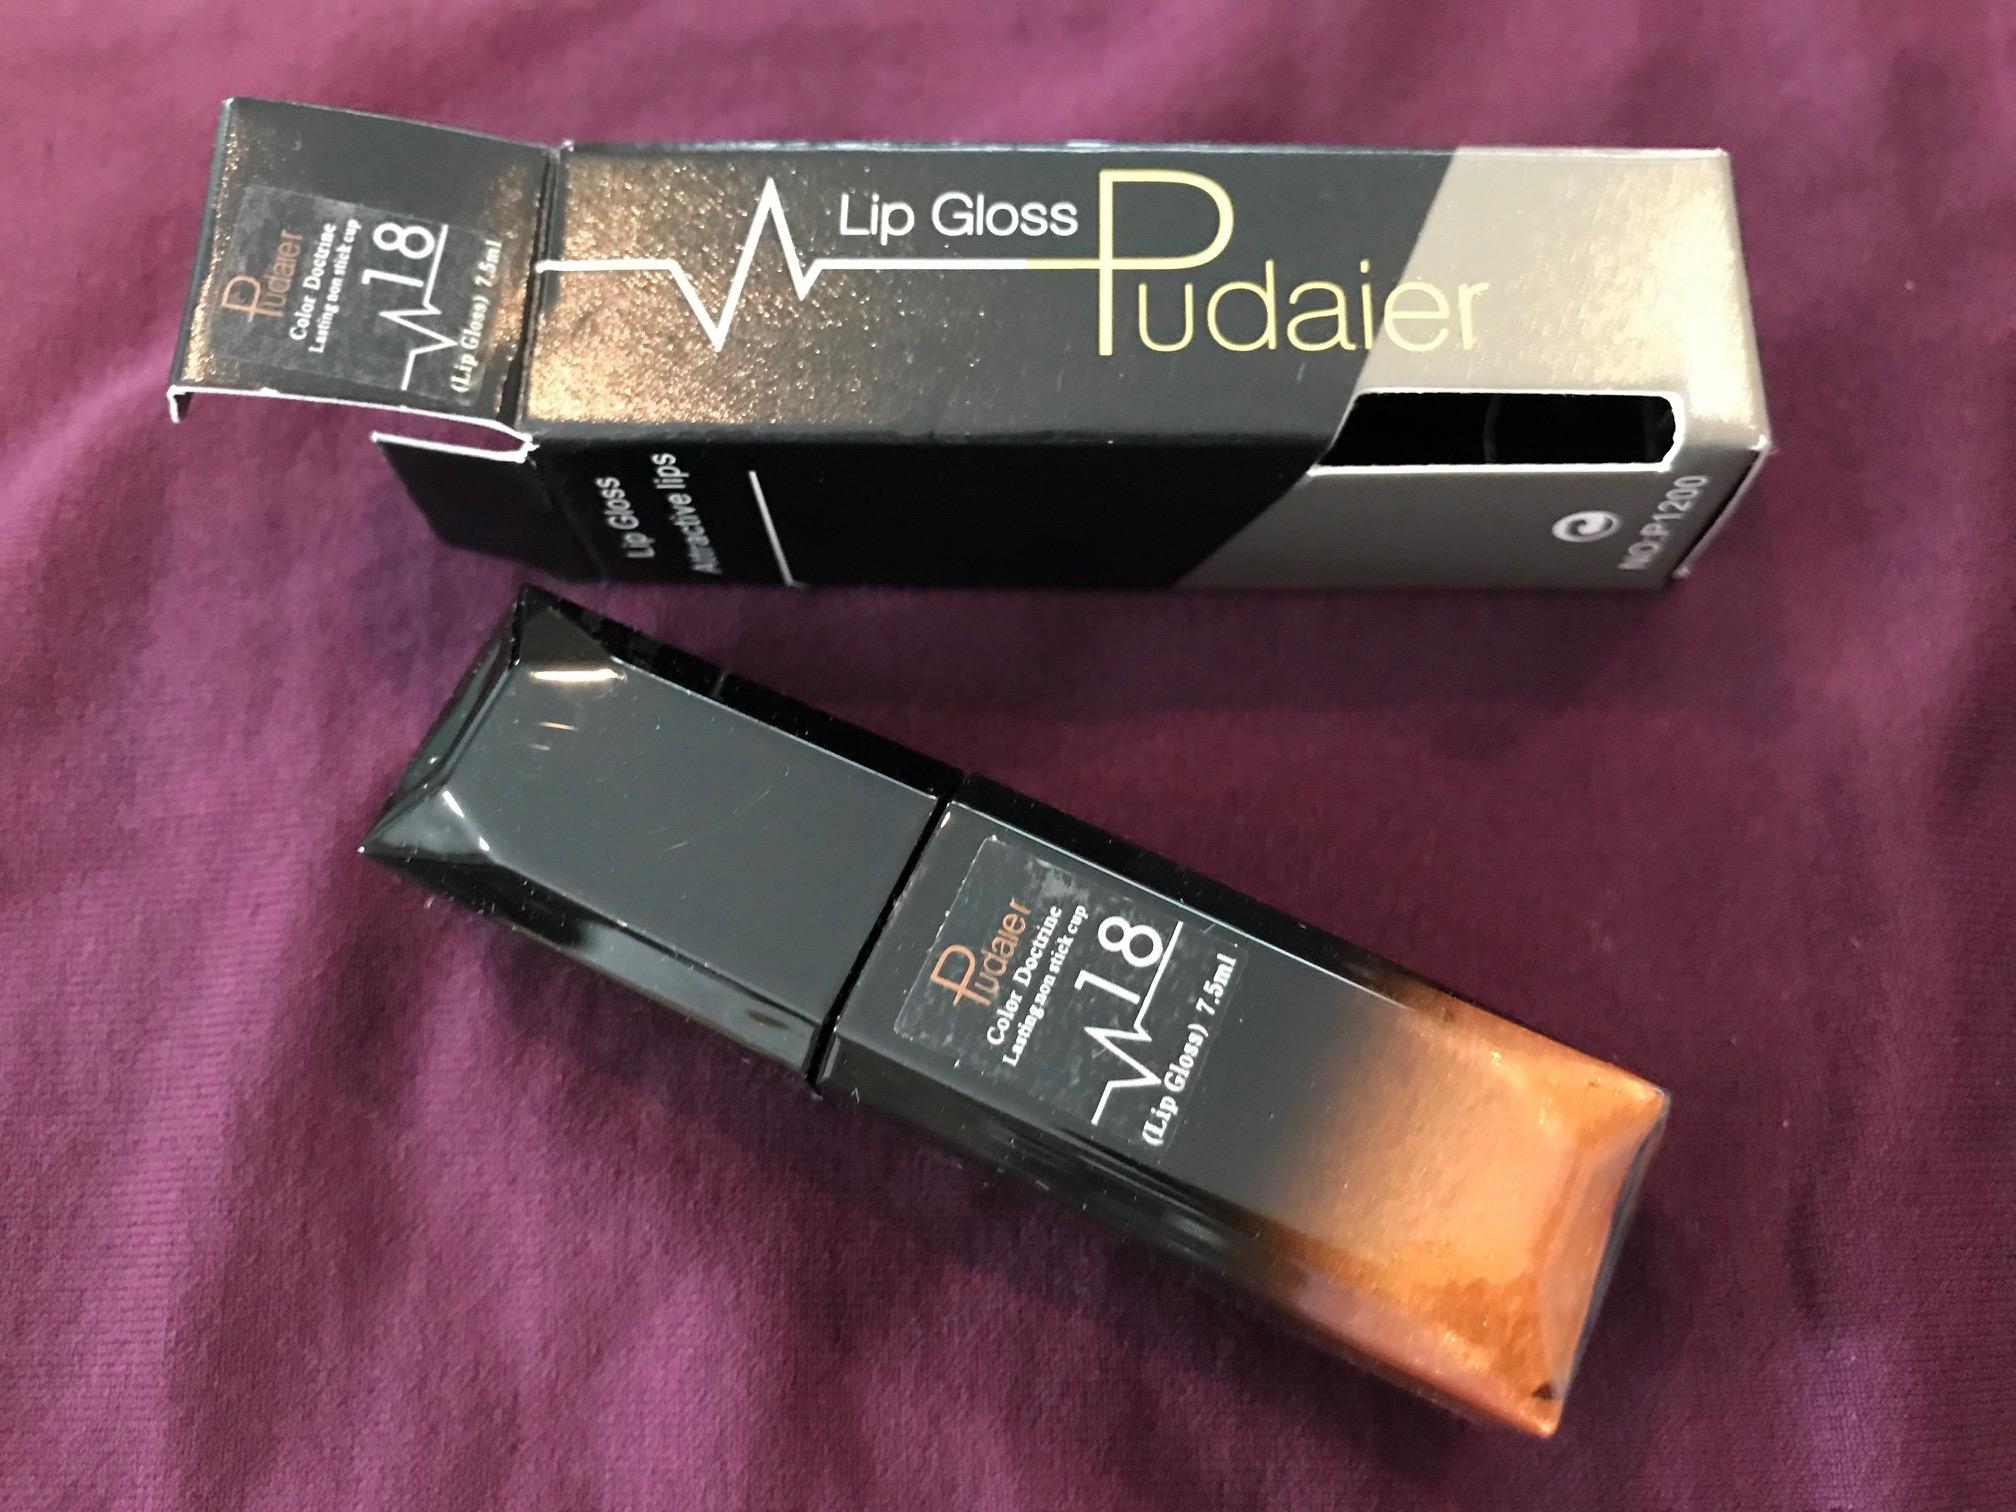 Pudaier Gold Lipstick Lip Gloss Tamara Rubin Lead Safe Mama